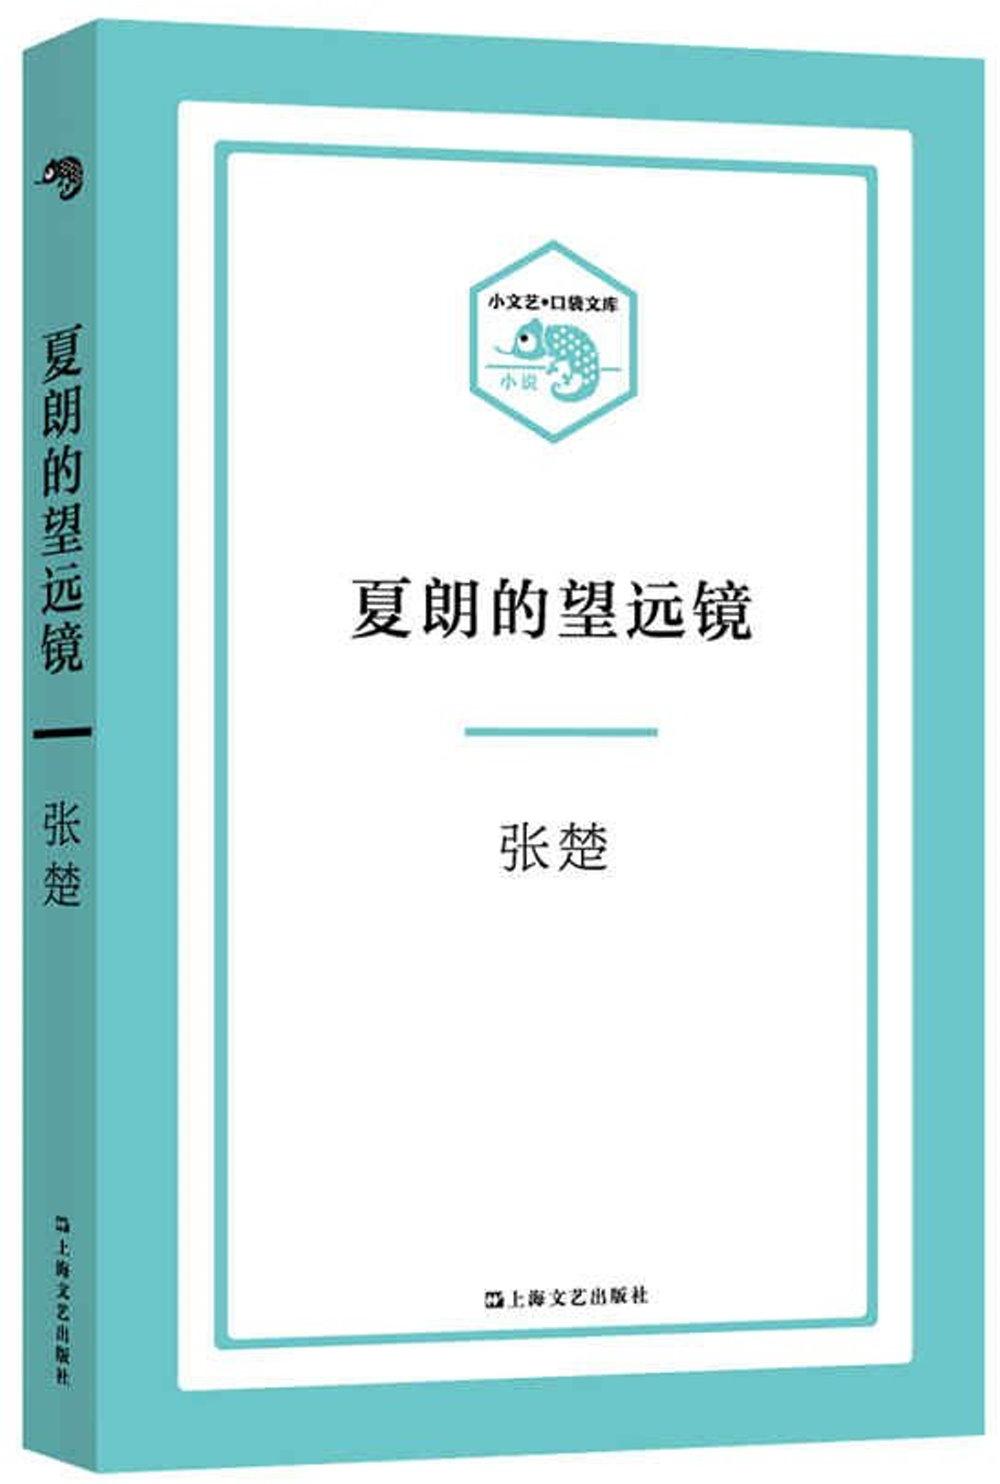 小文藝·口袋文庫:夏朗的望遠鏡